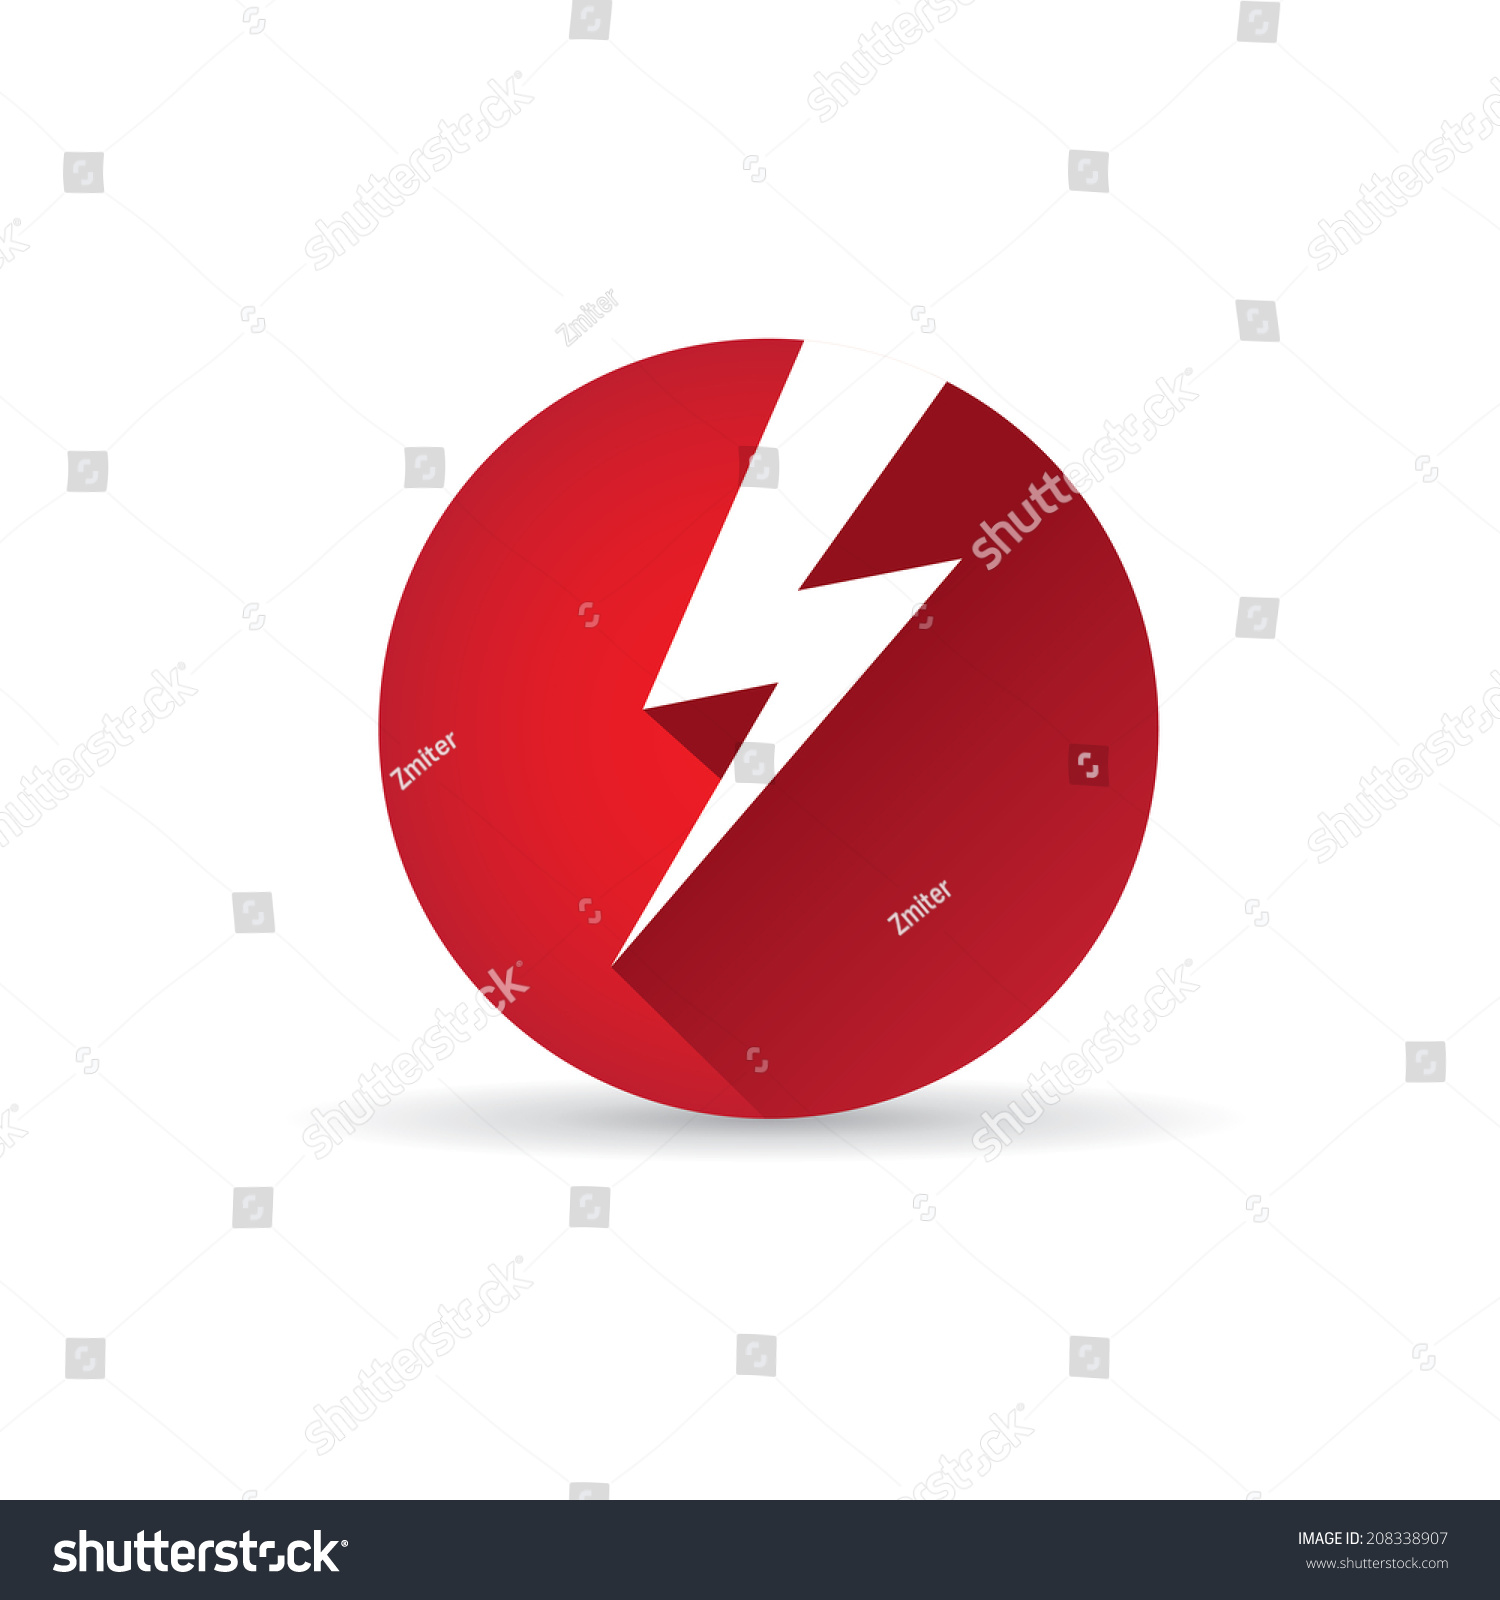 Vector Flat Lightning Bolt Vector Icon Stock Vector 208338907